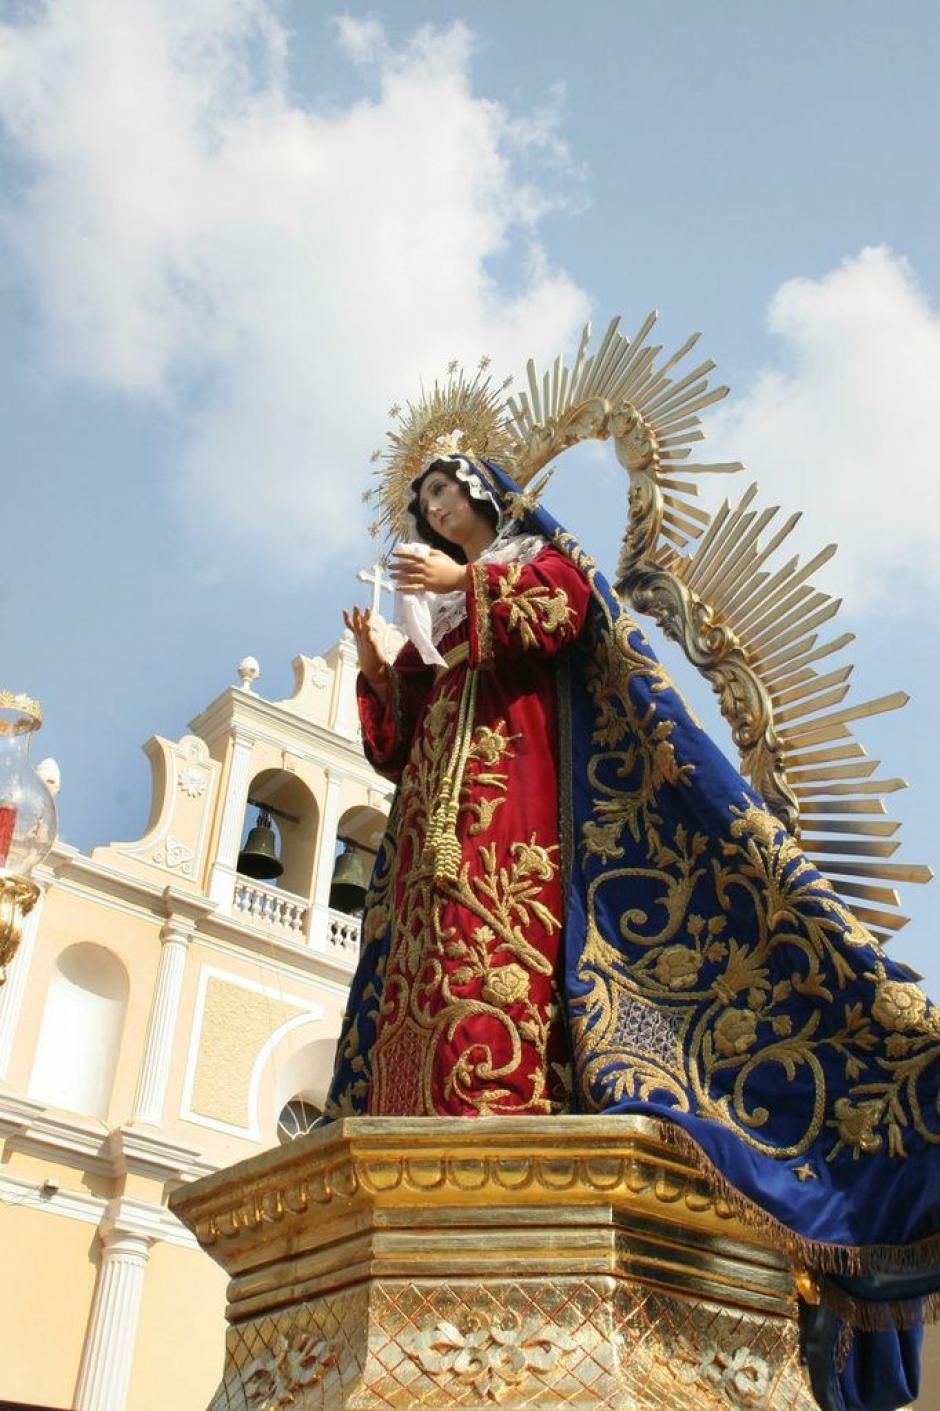 La Virgen del Beaterio de Belén lleva un vestido y manto ricamente bordados en oro. (Foto: Raúl Illescas).